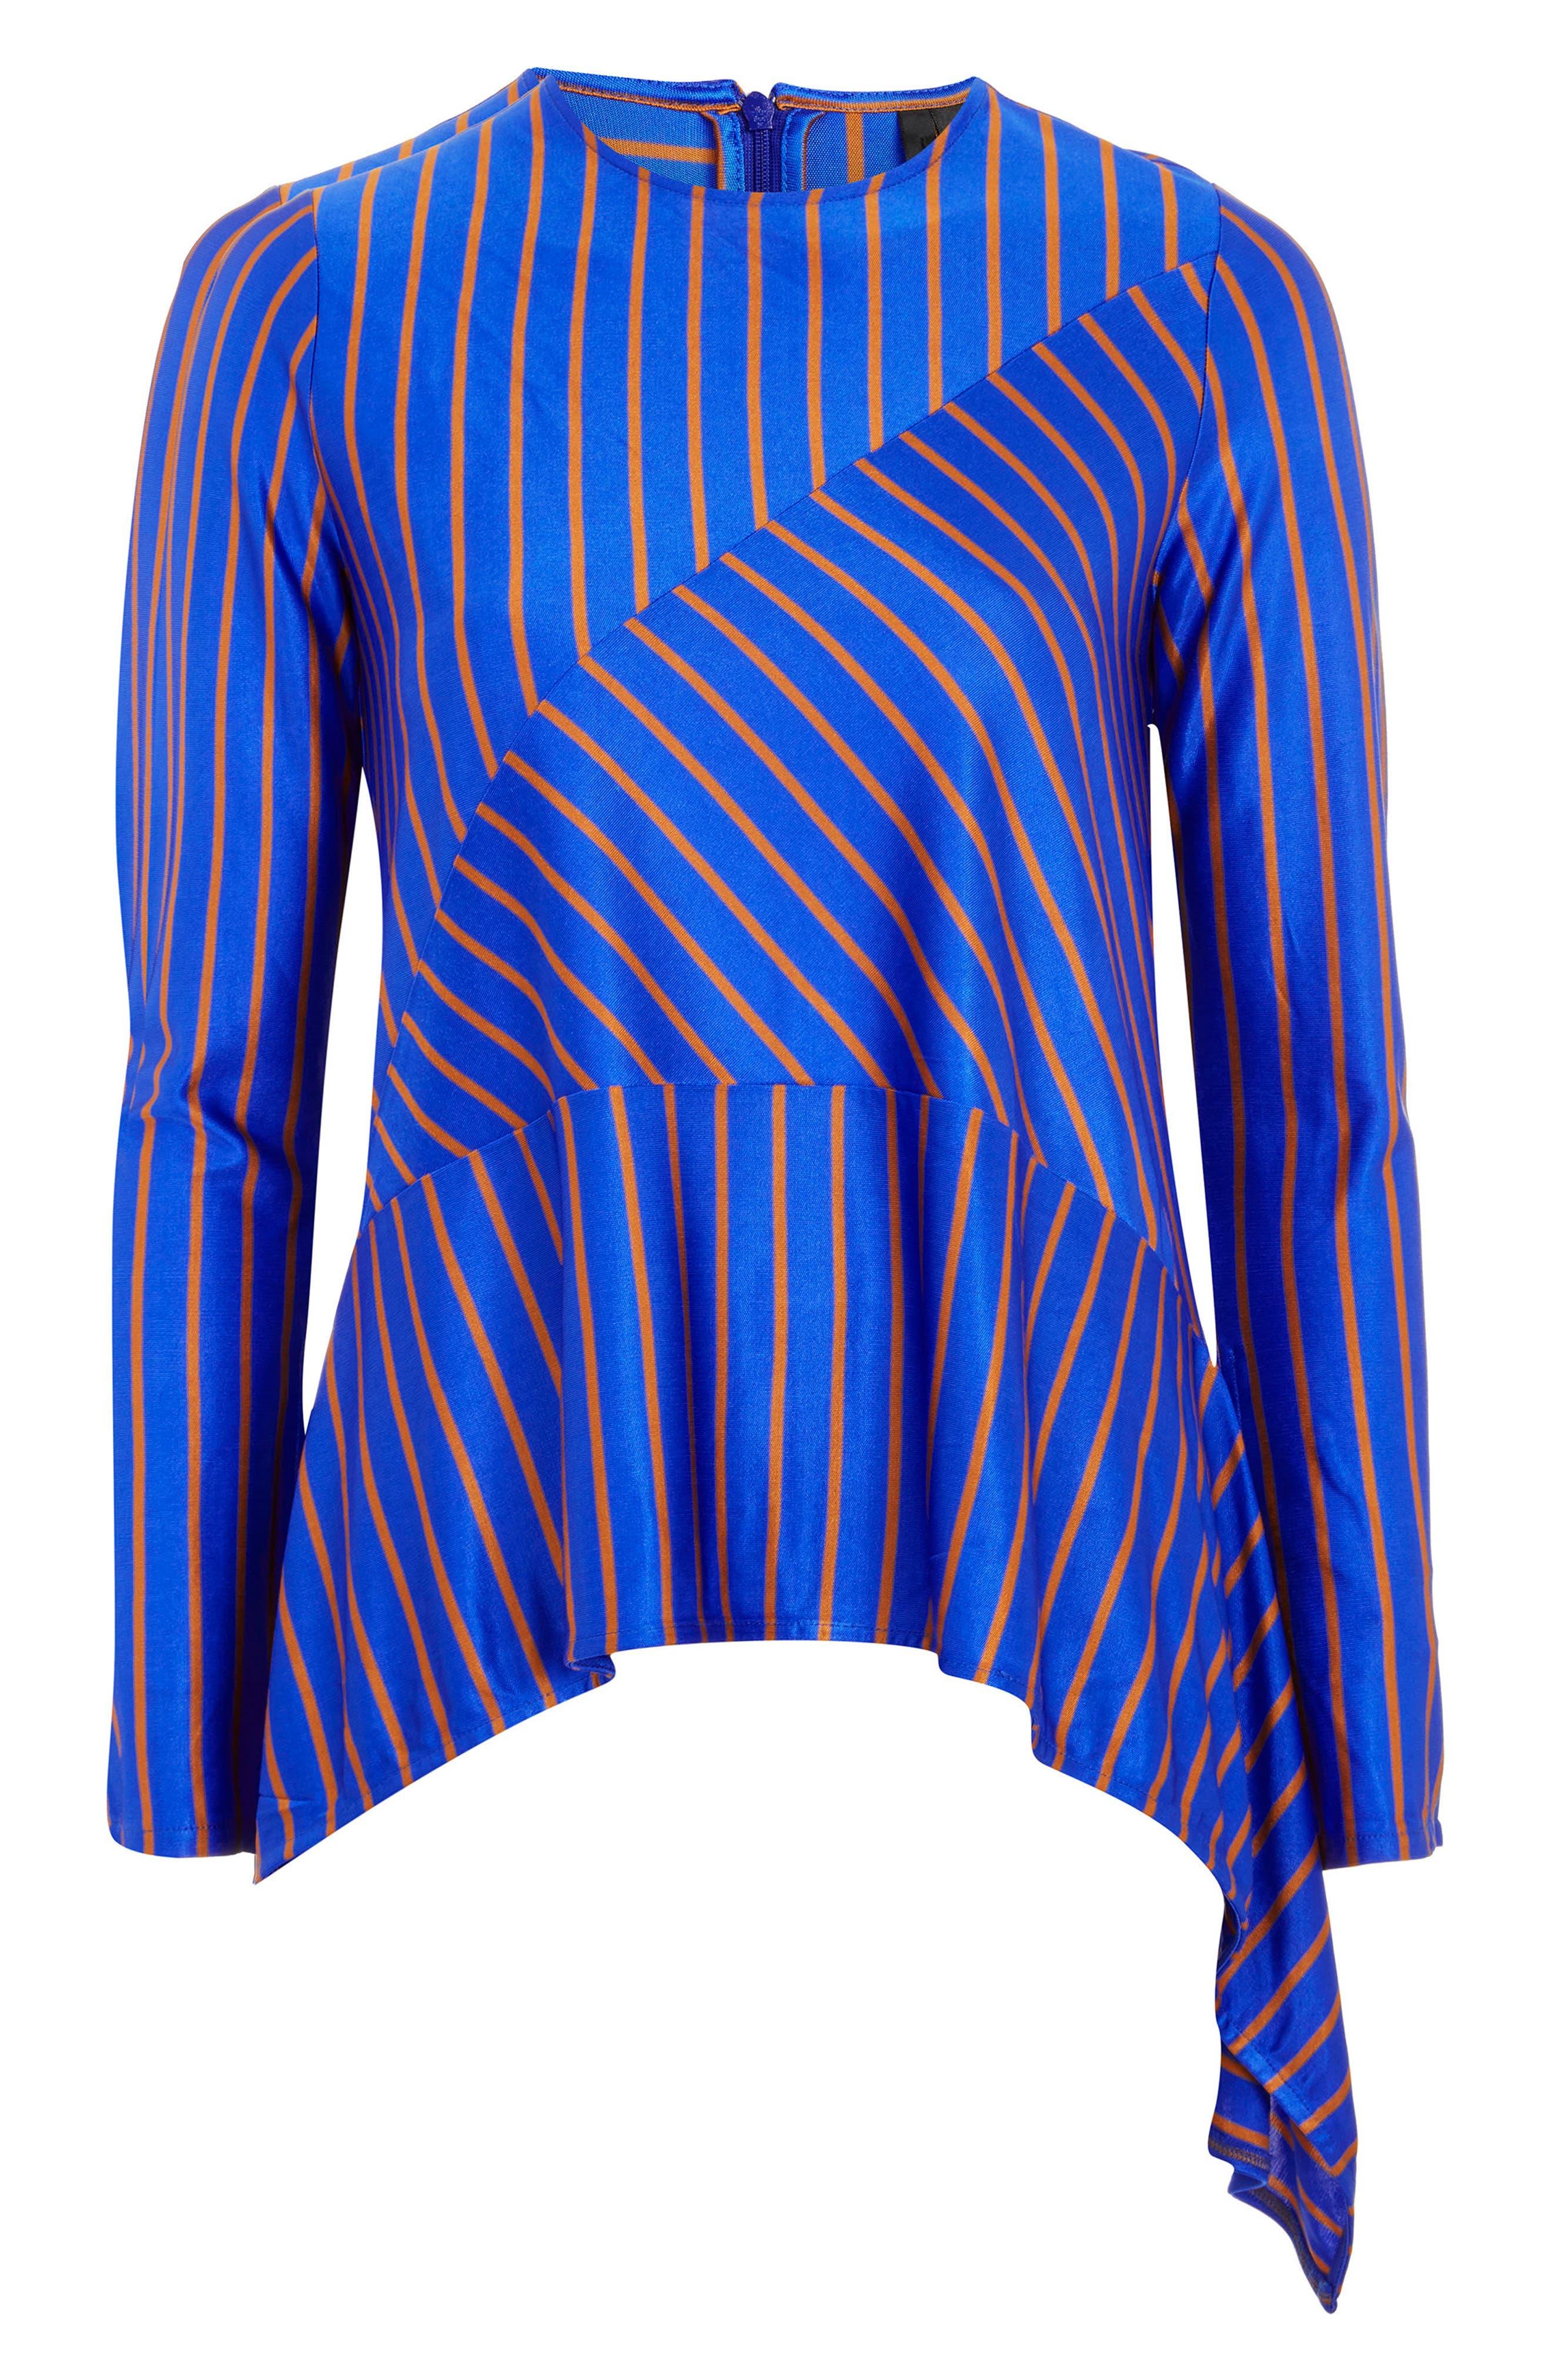 Cutabout Stripe Top,                         Main,                         color, Blue Multi